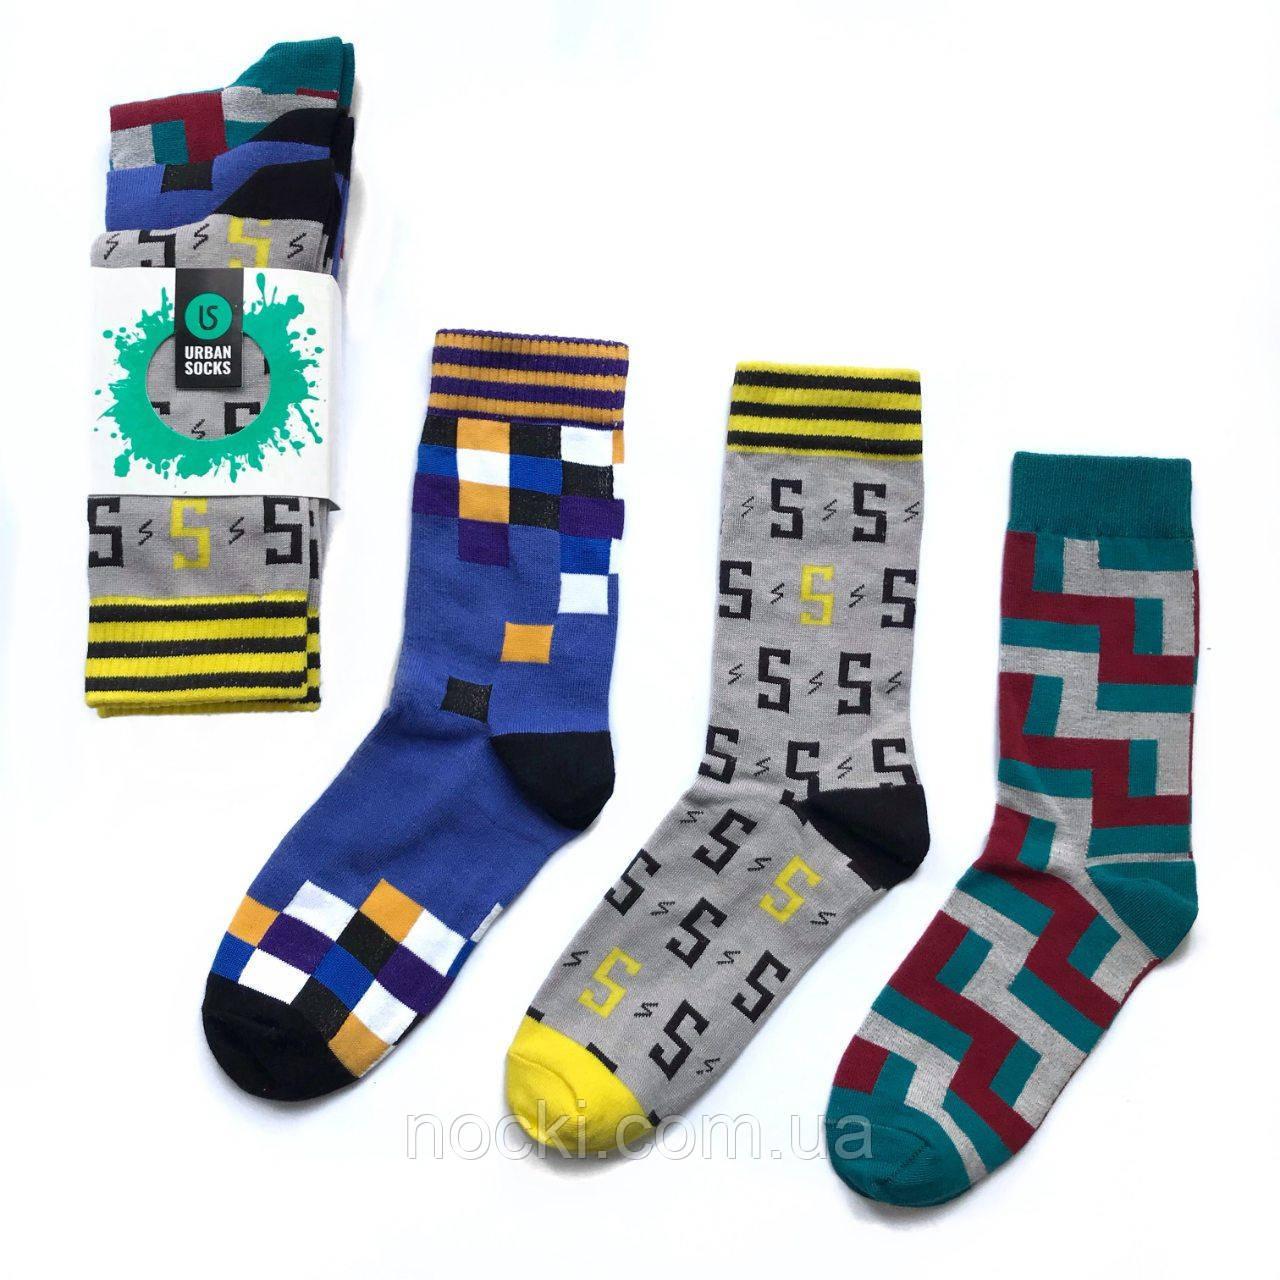 Стильные носки URBAN SOCKS 36-39  Unique